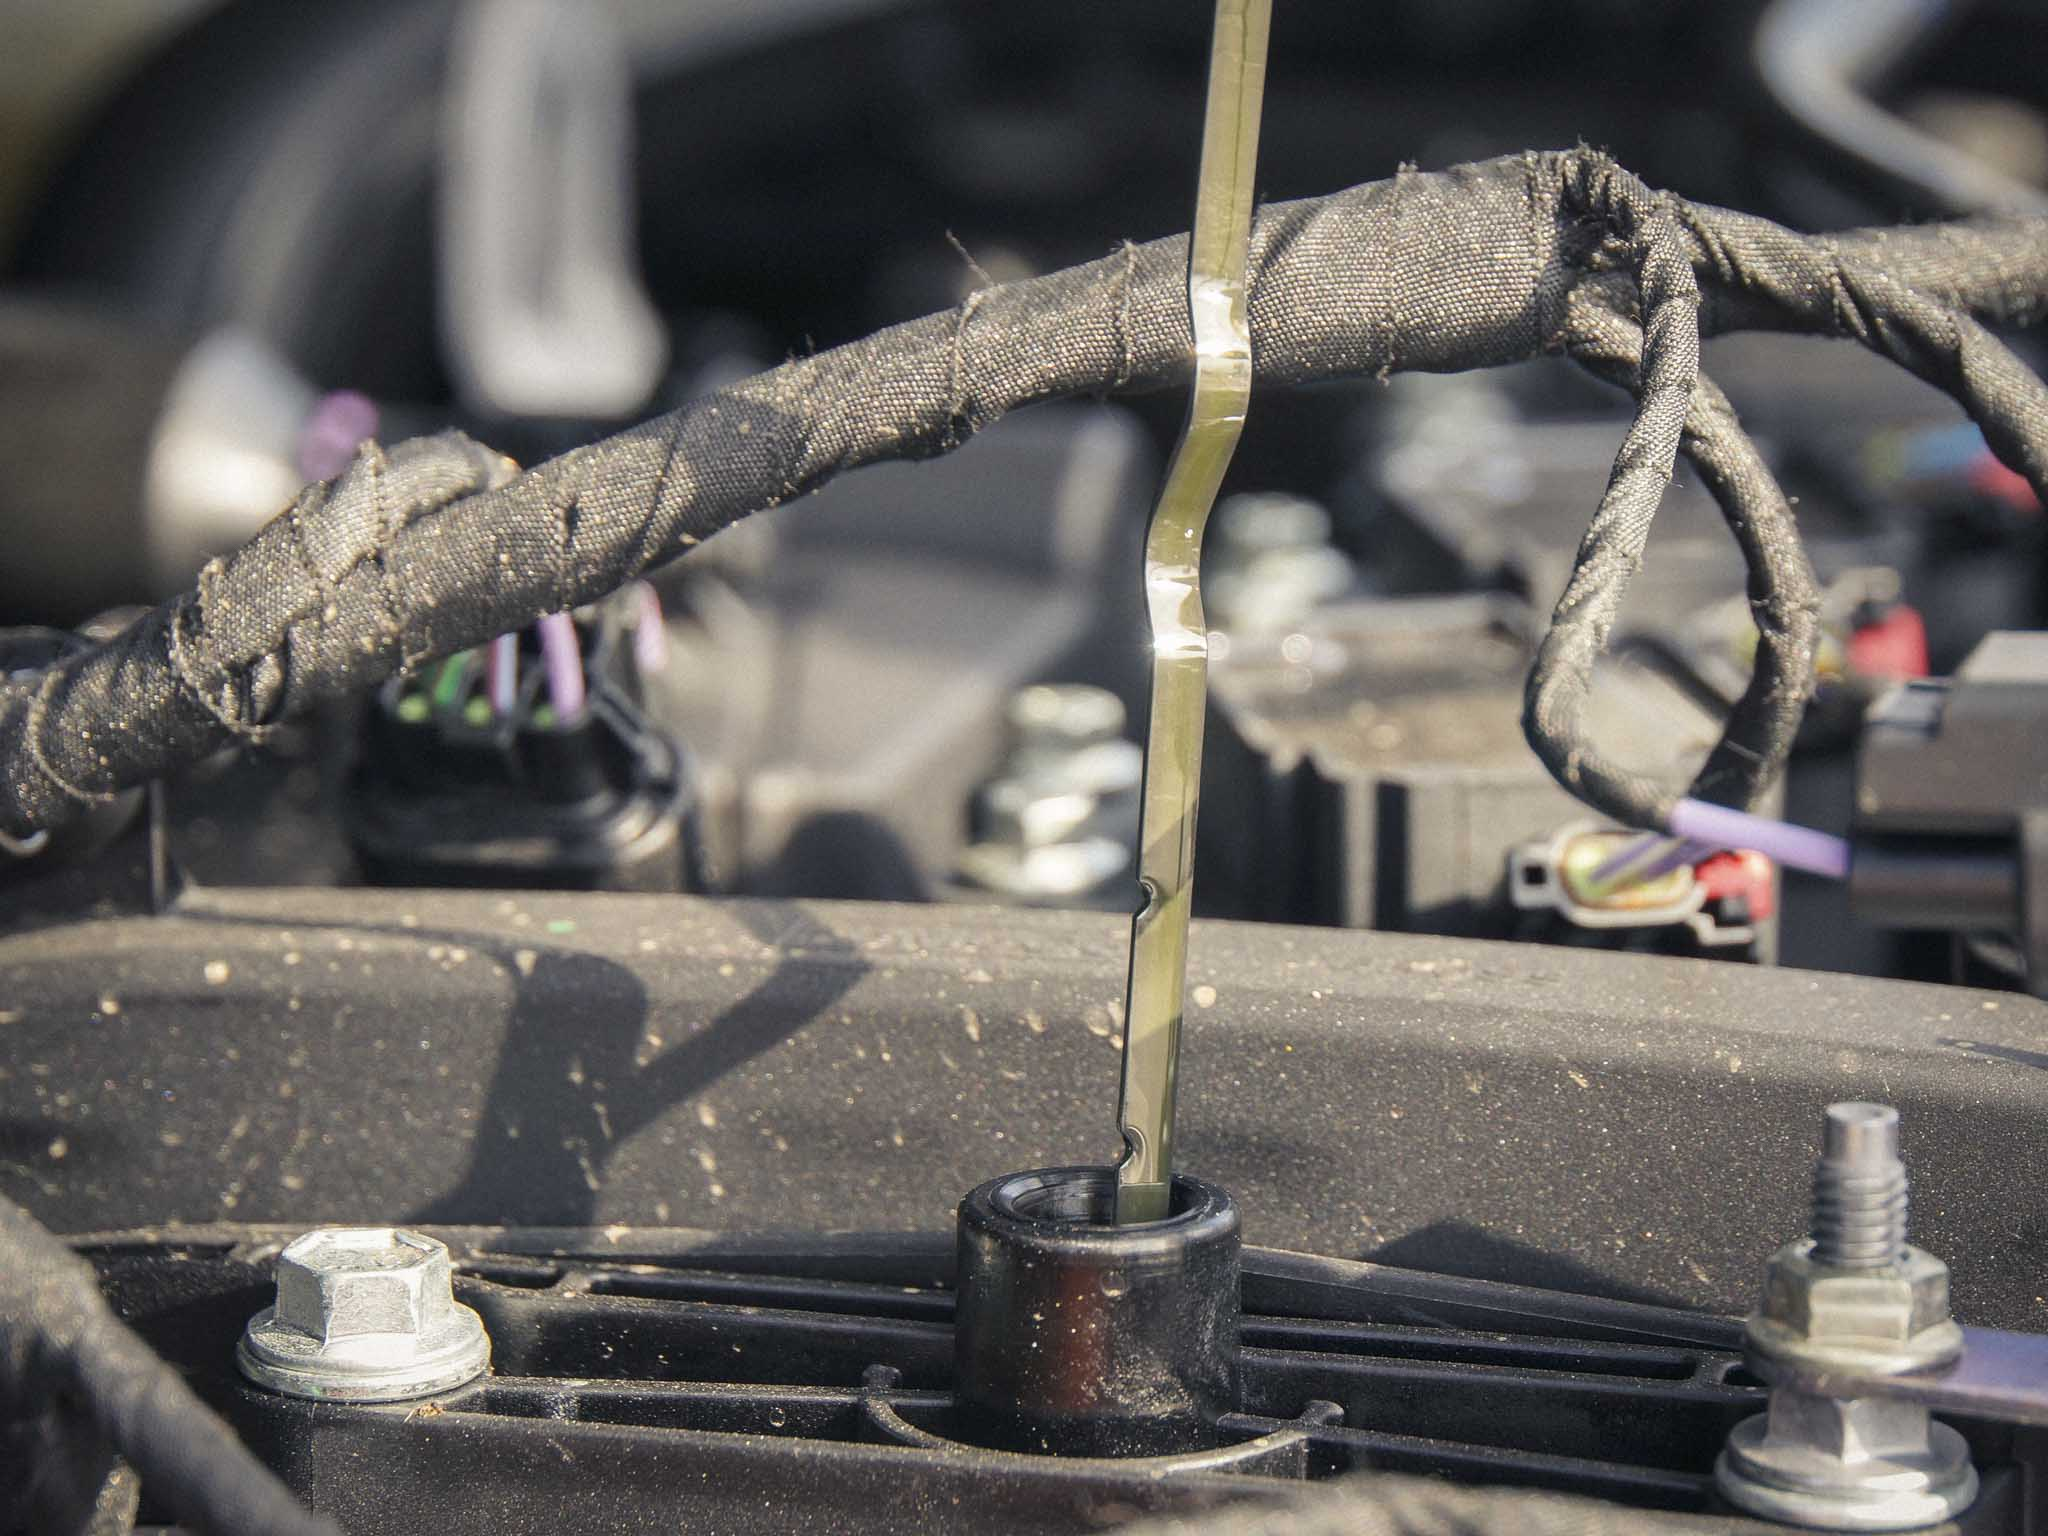 Der Ölstand beim Fahrzeug sollte regelmäßig gecheckt werden. Foto: Dominik Ziegler